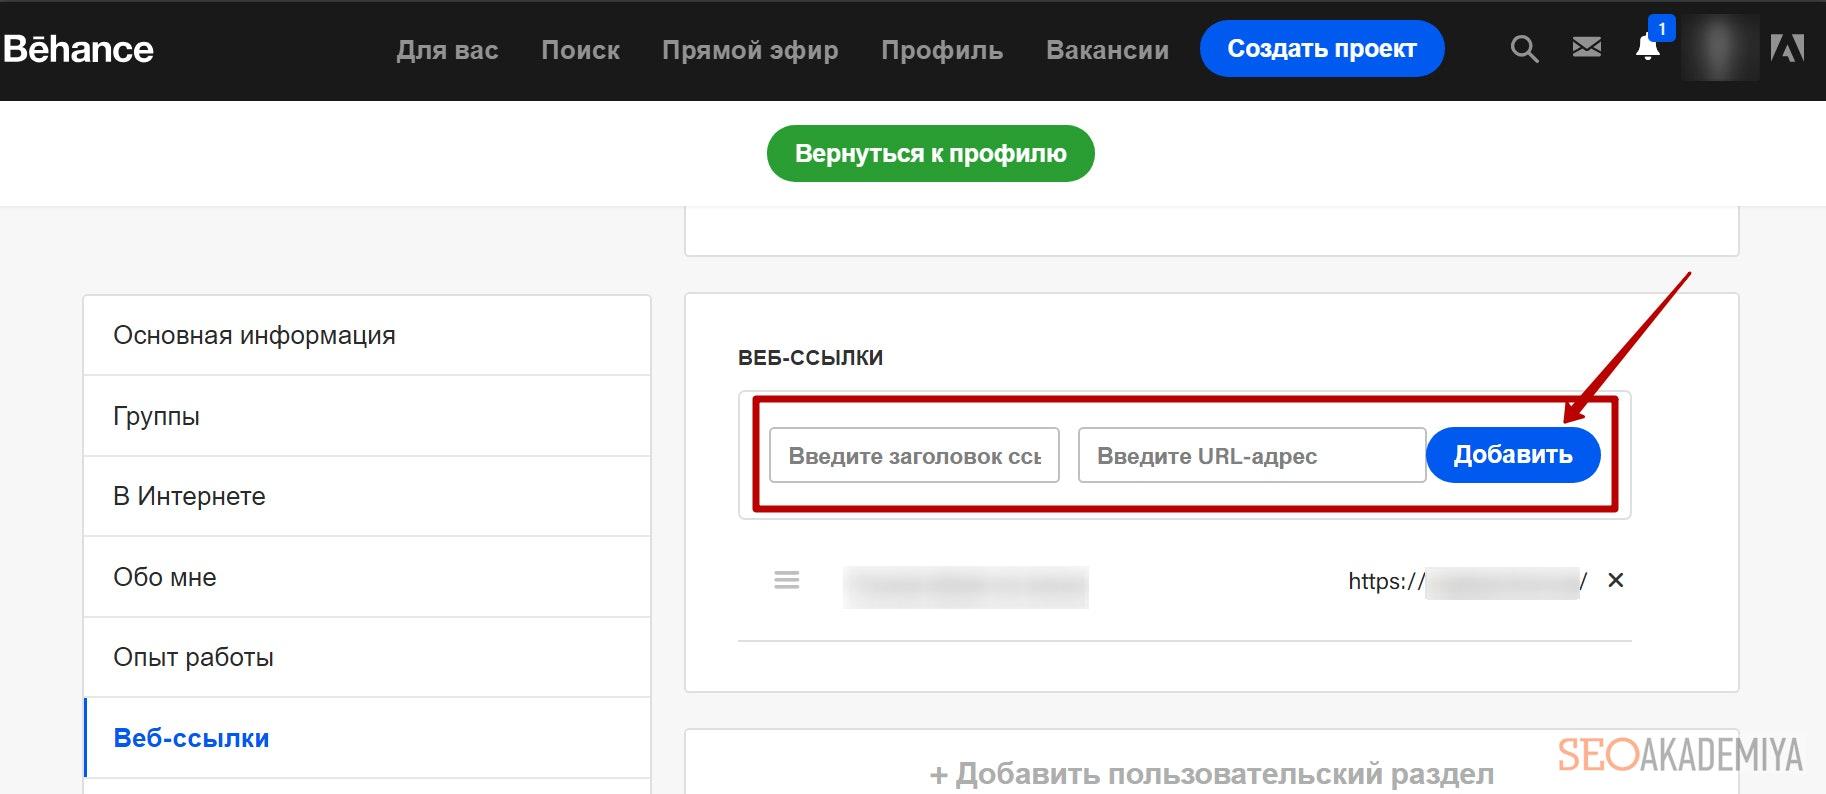 Оставить ссылку в профиле регистраций